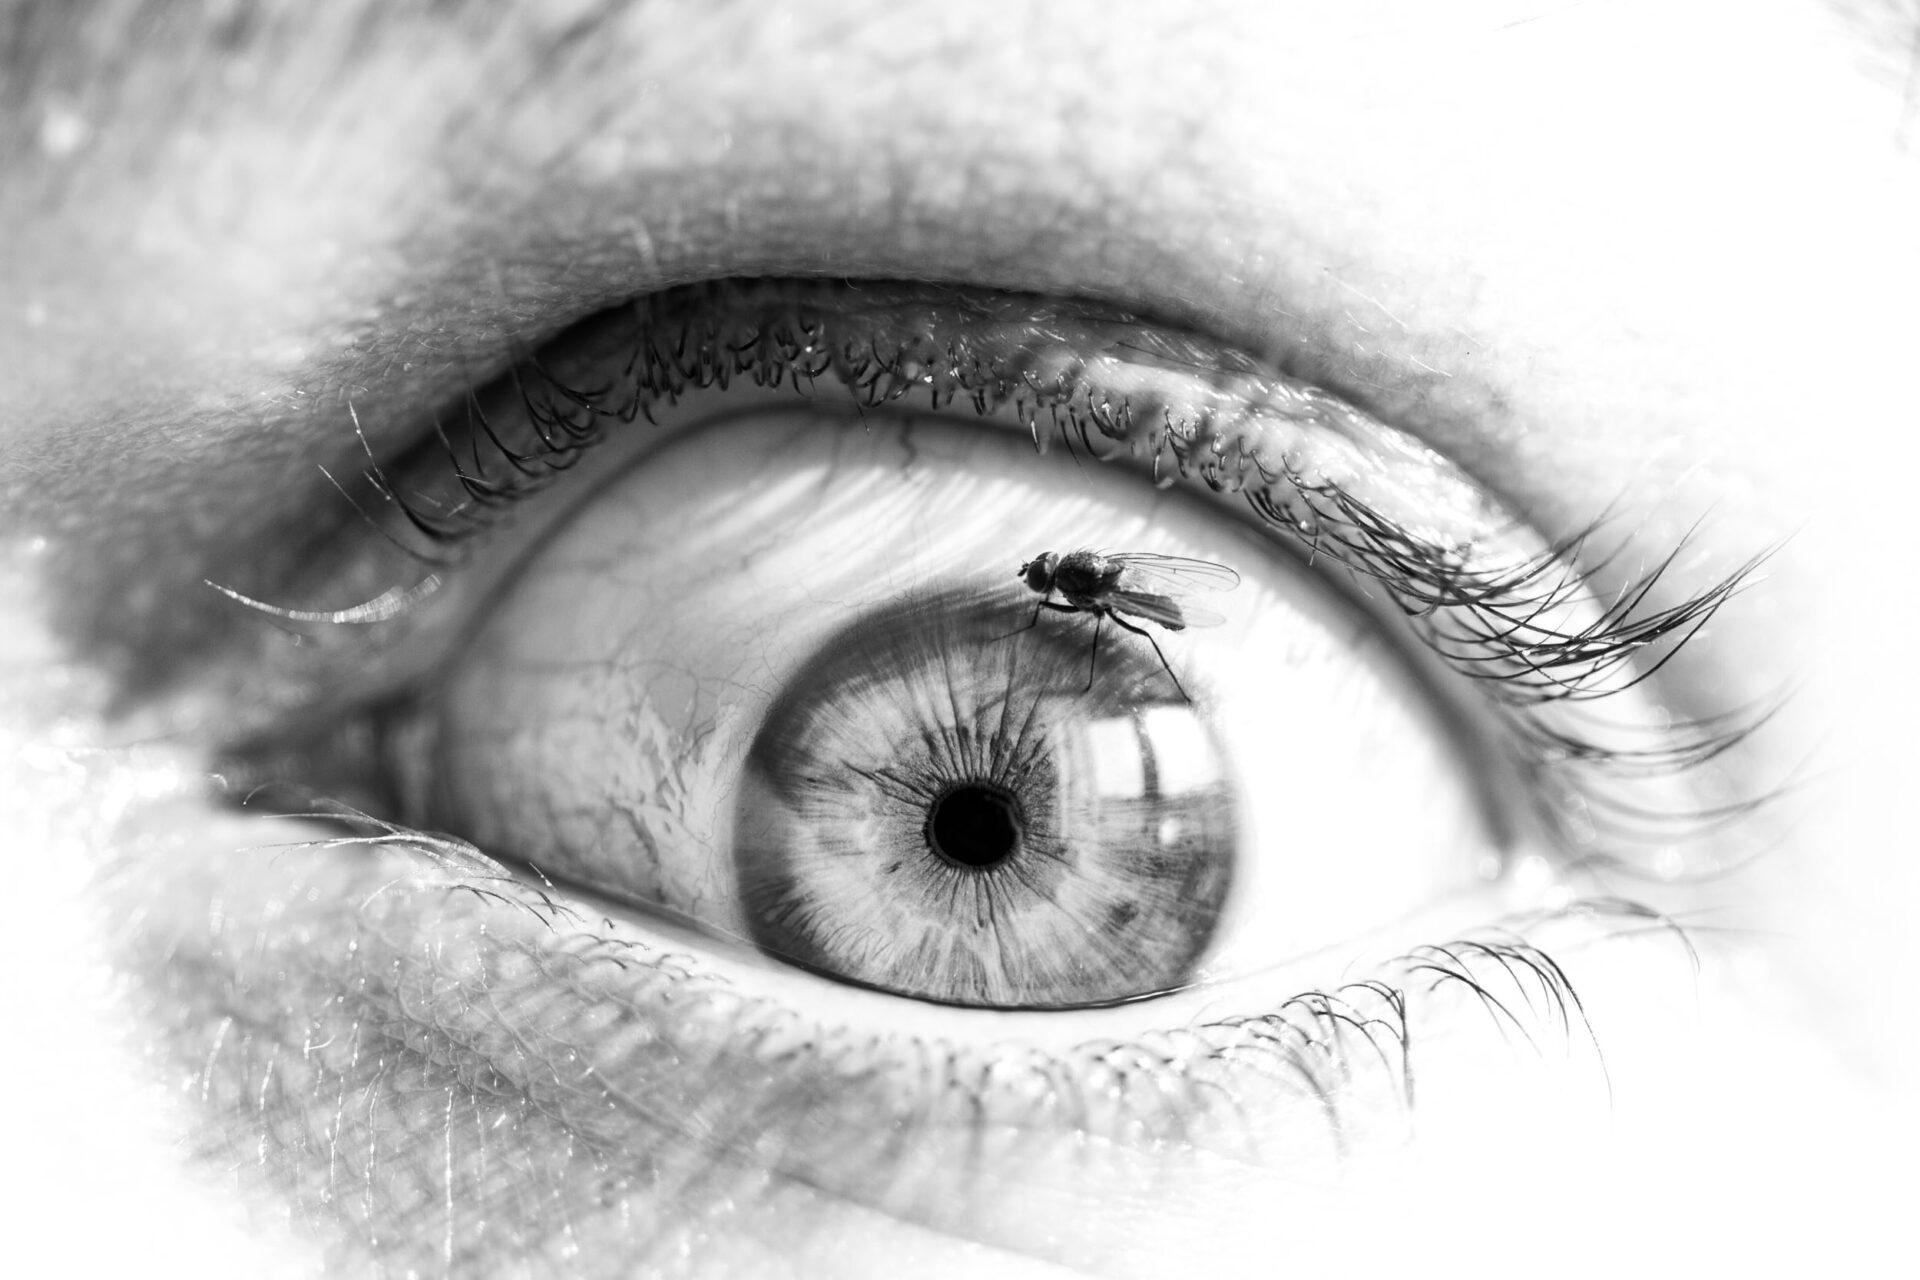 Fl'eye'